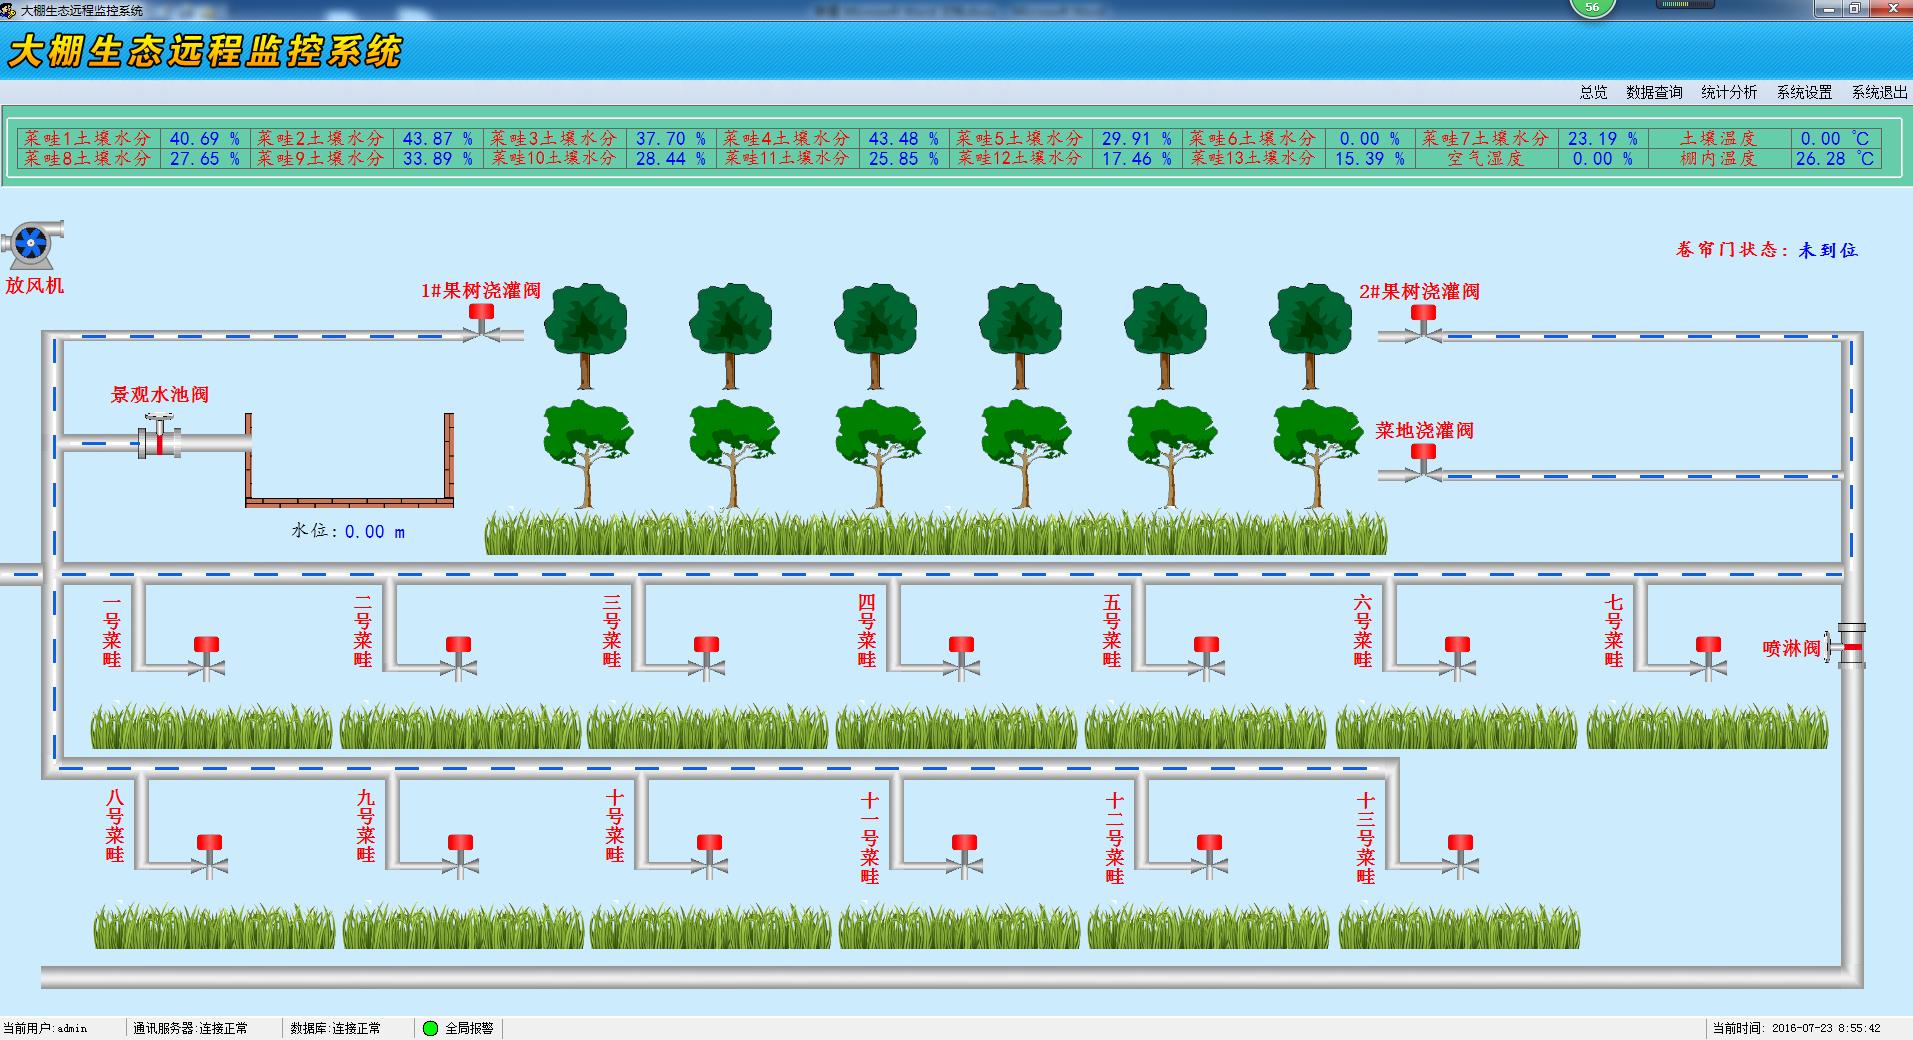 大棚生态智能监控|温室大棚自动控制|大棚远程监测|大棚监控设备|智能温室大棚控制系统